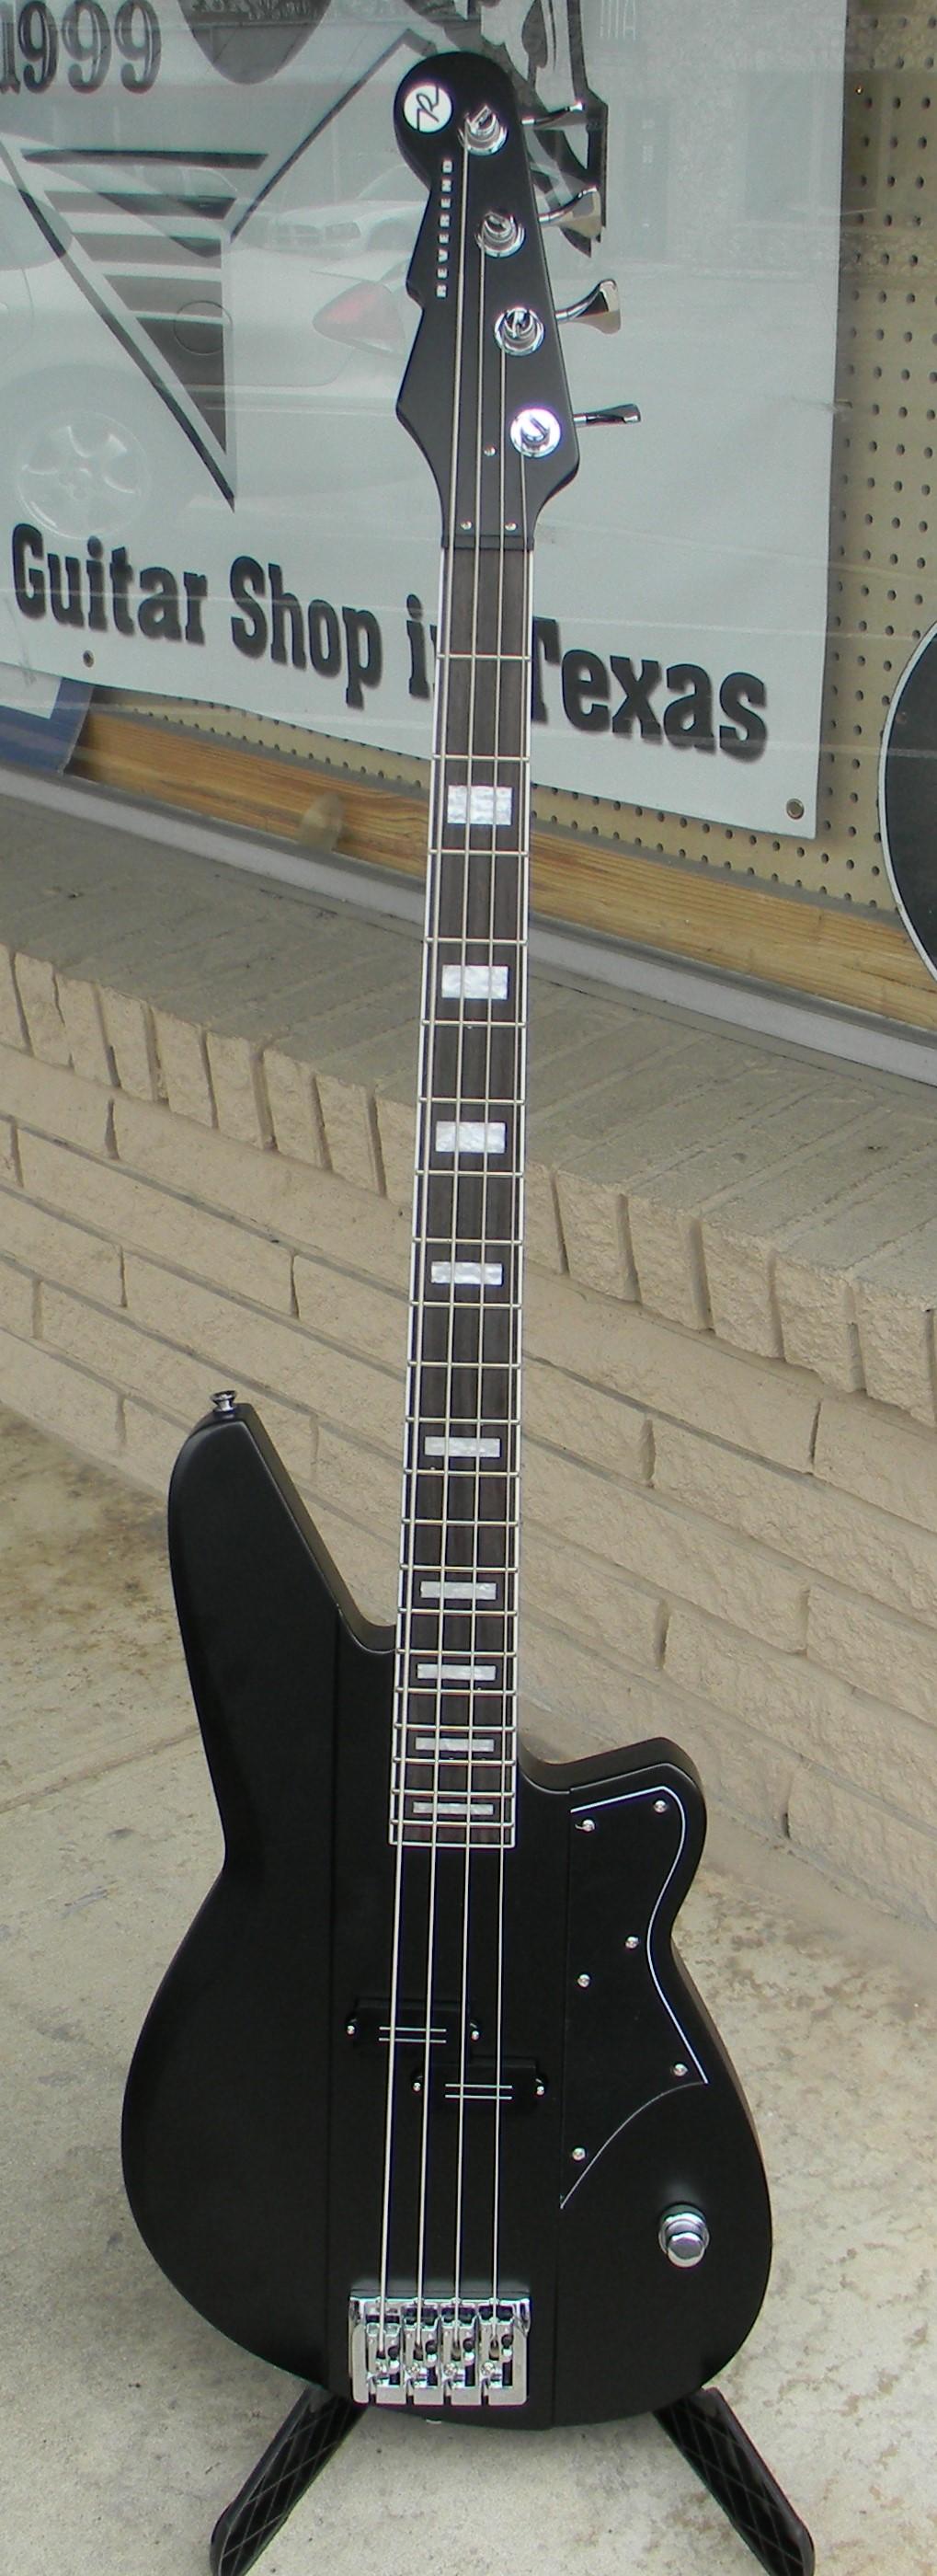 Dscn1313 San Antonio Guitar Store Guitar Tex